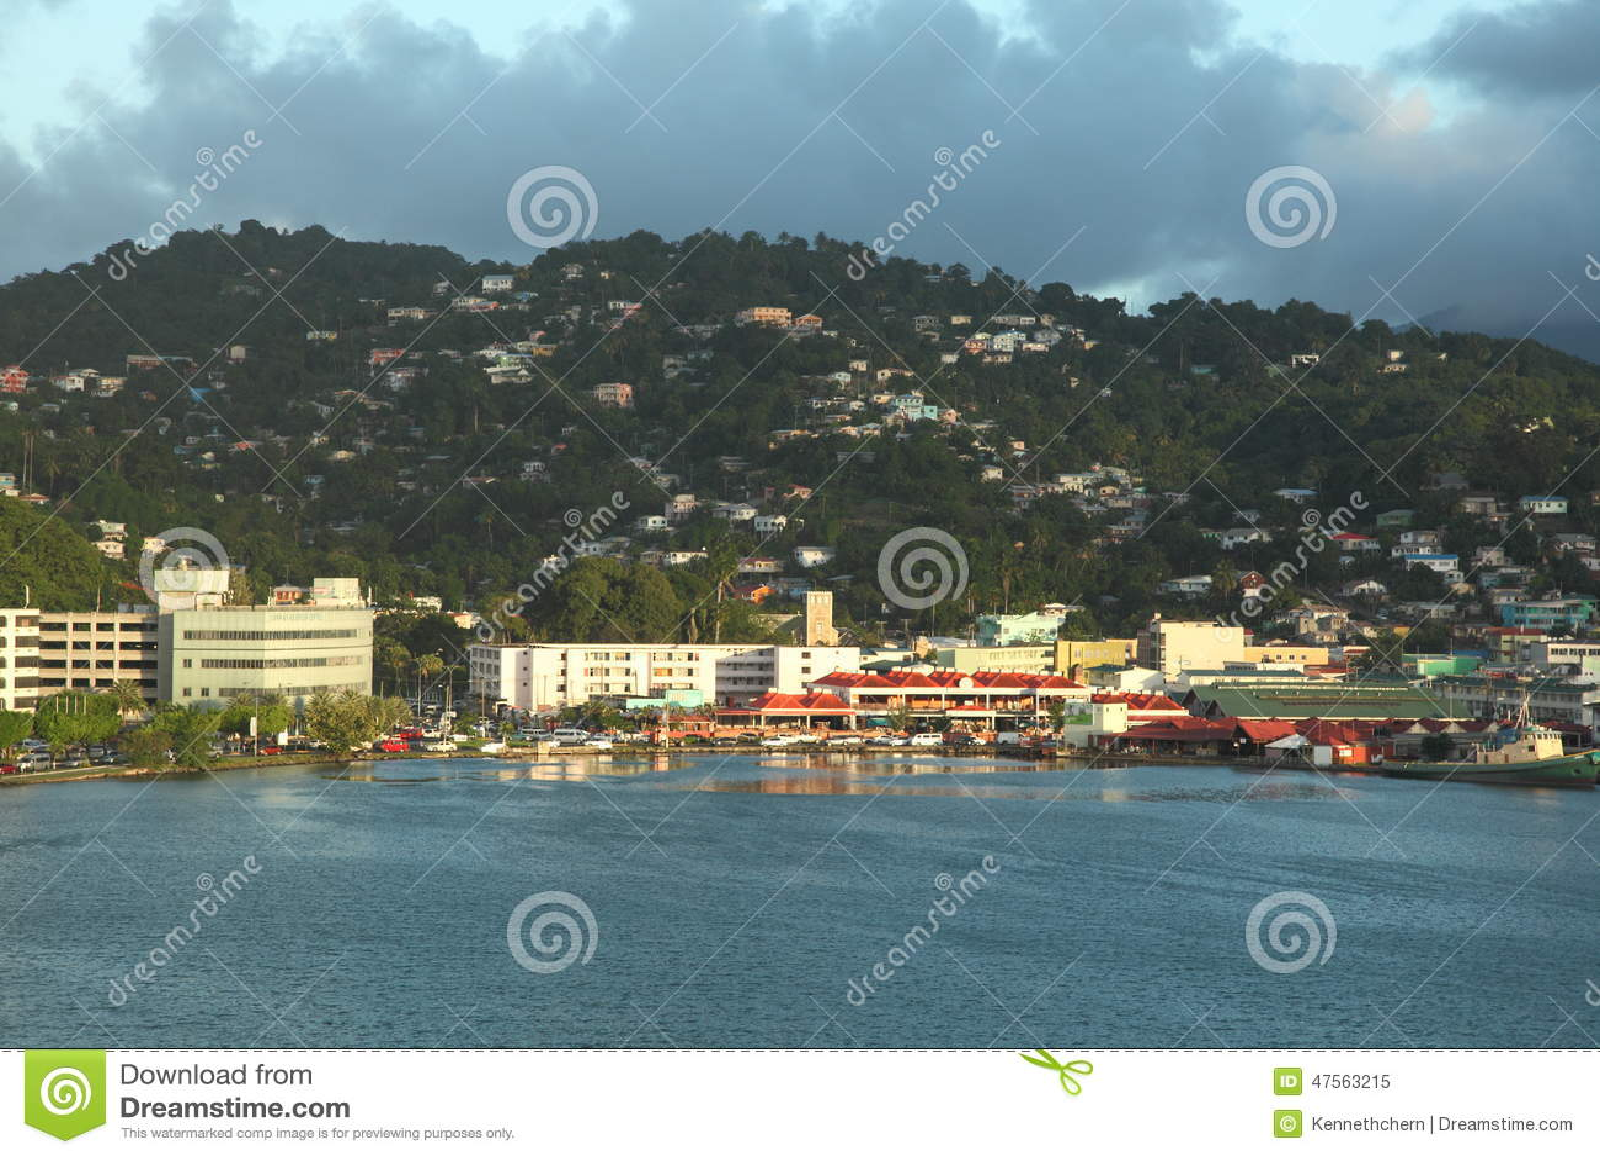 Crepúsculo en Castries, Santa Lucía, isla caribeña